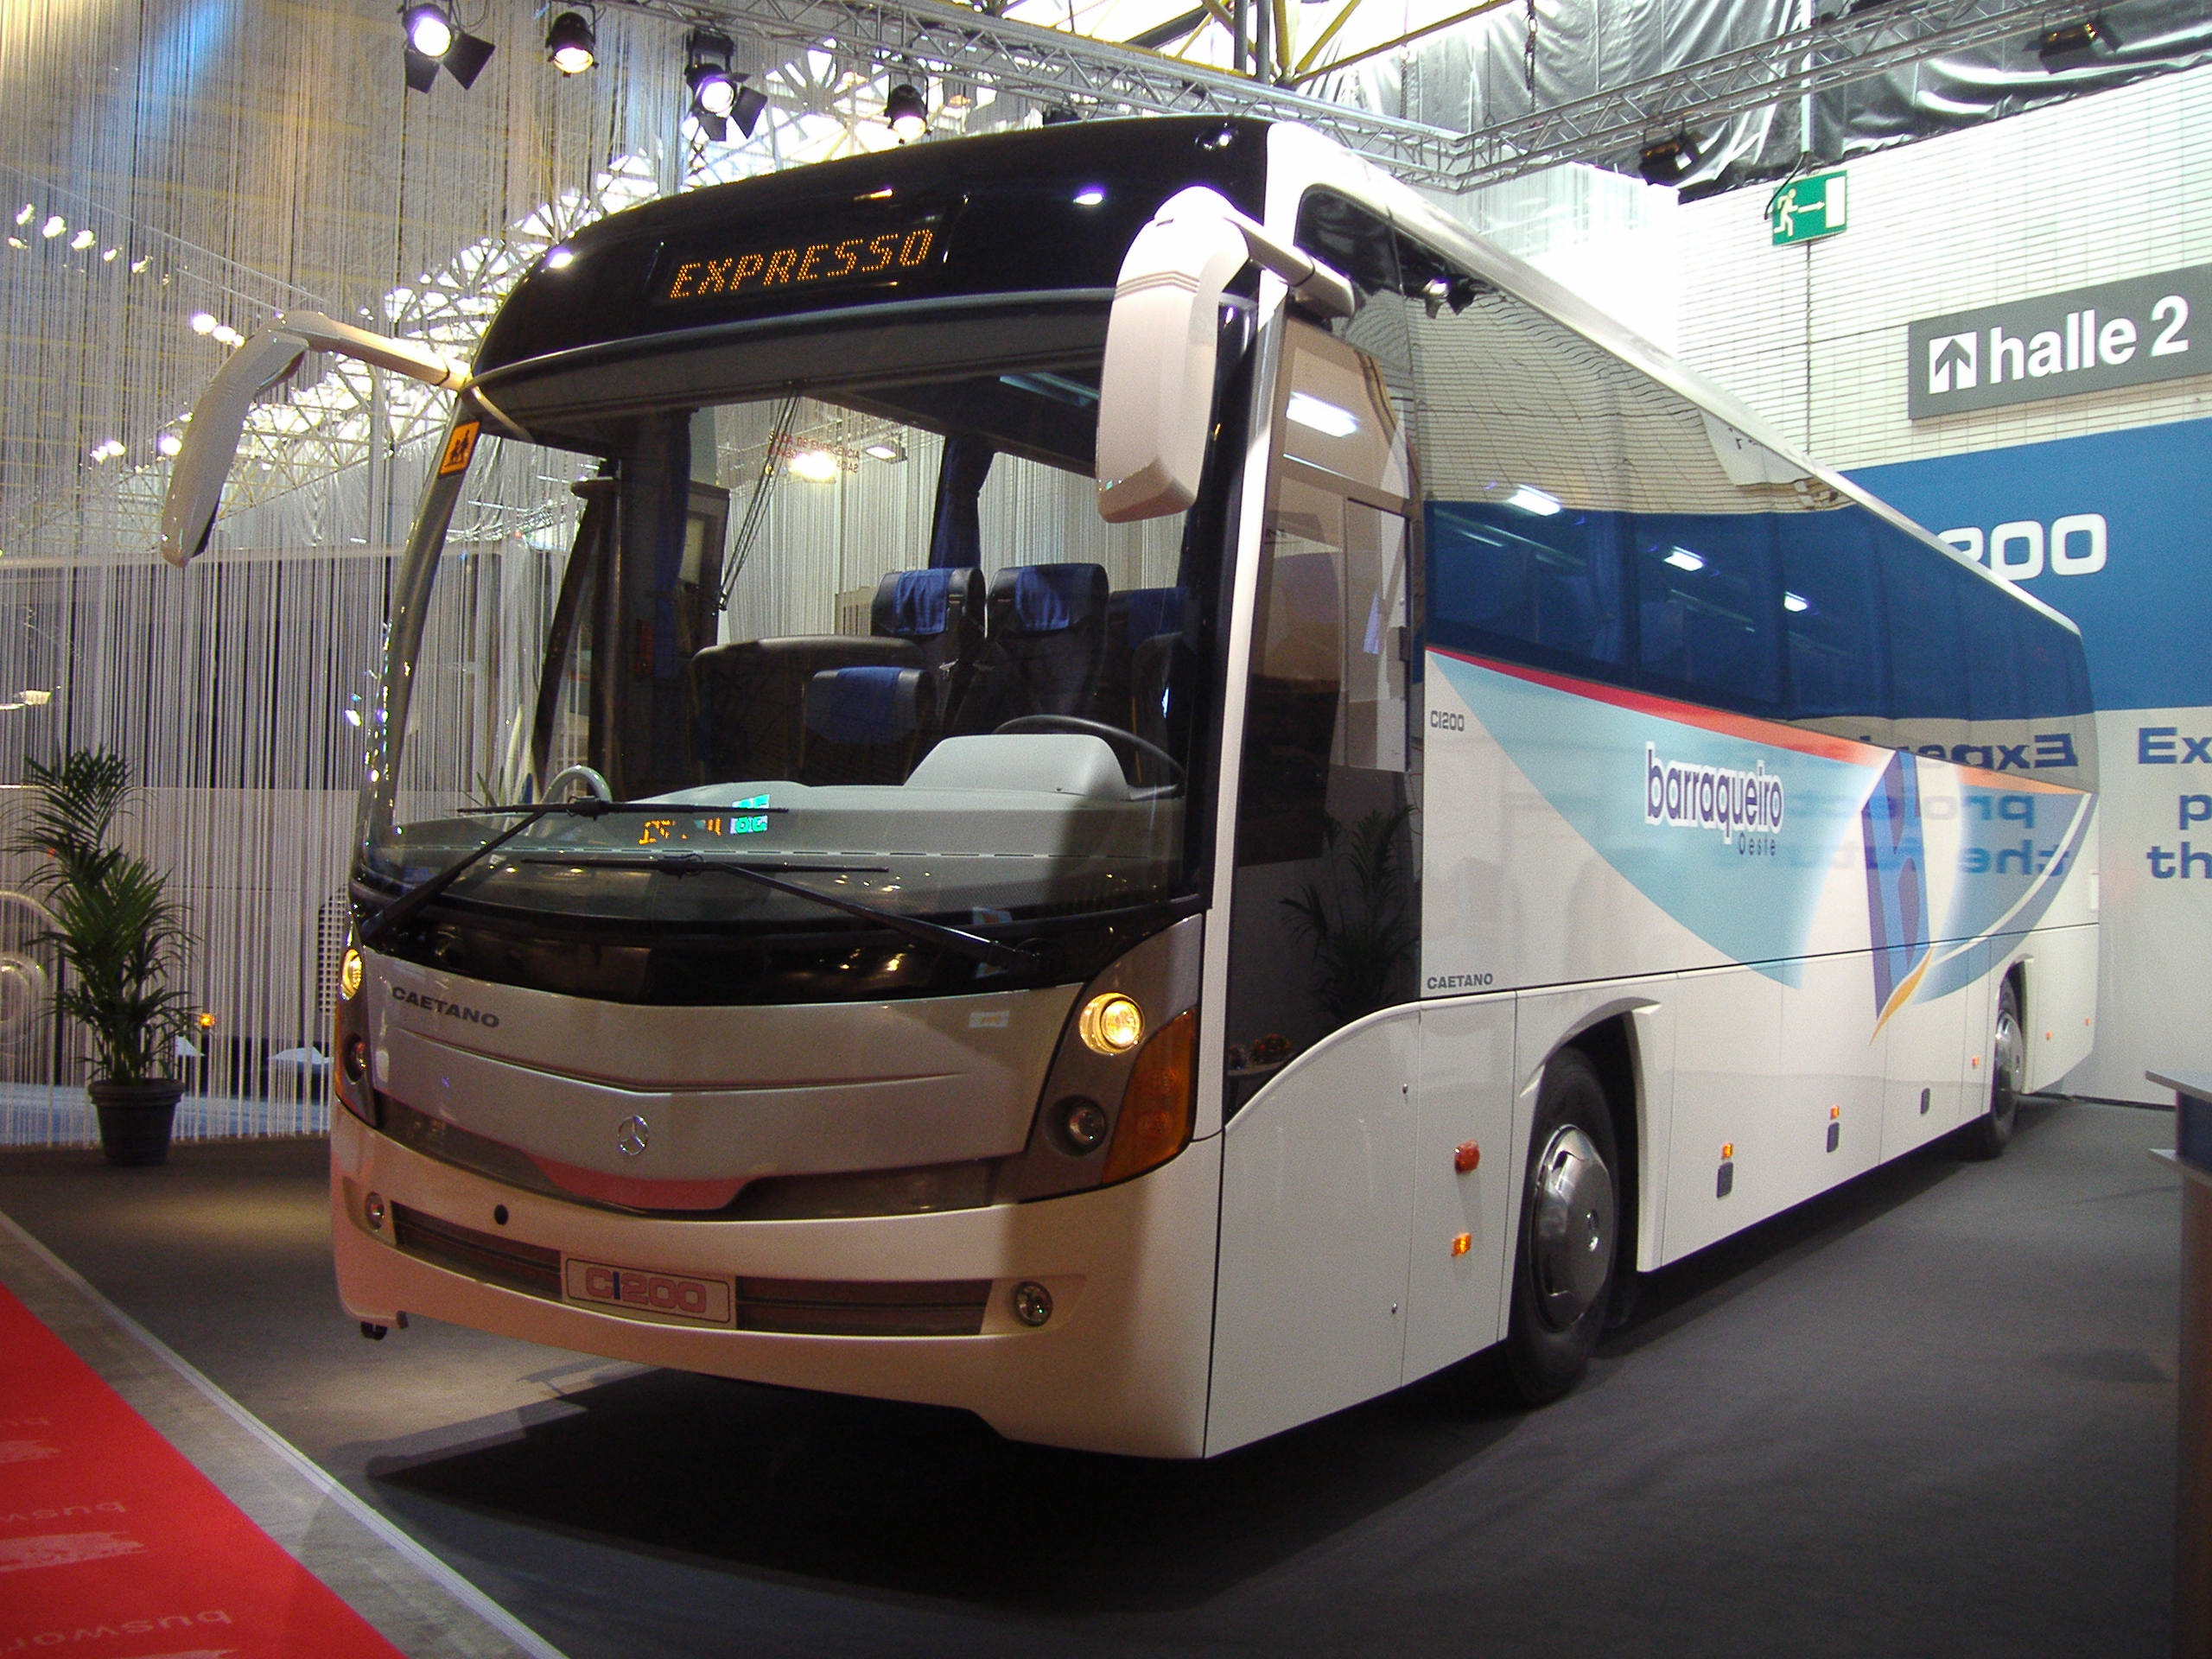 1984 plaxton paramount coach - a509 hvt